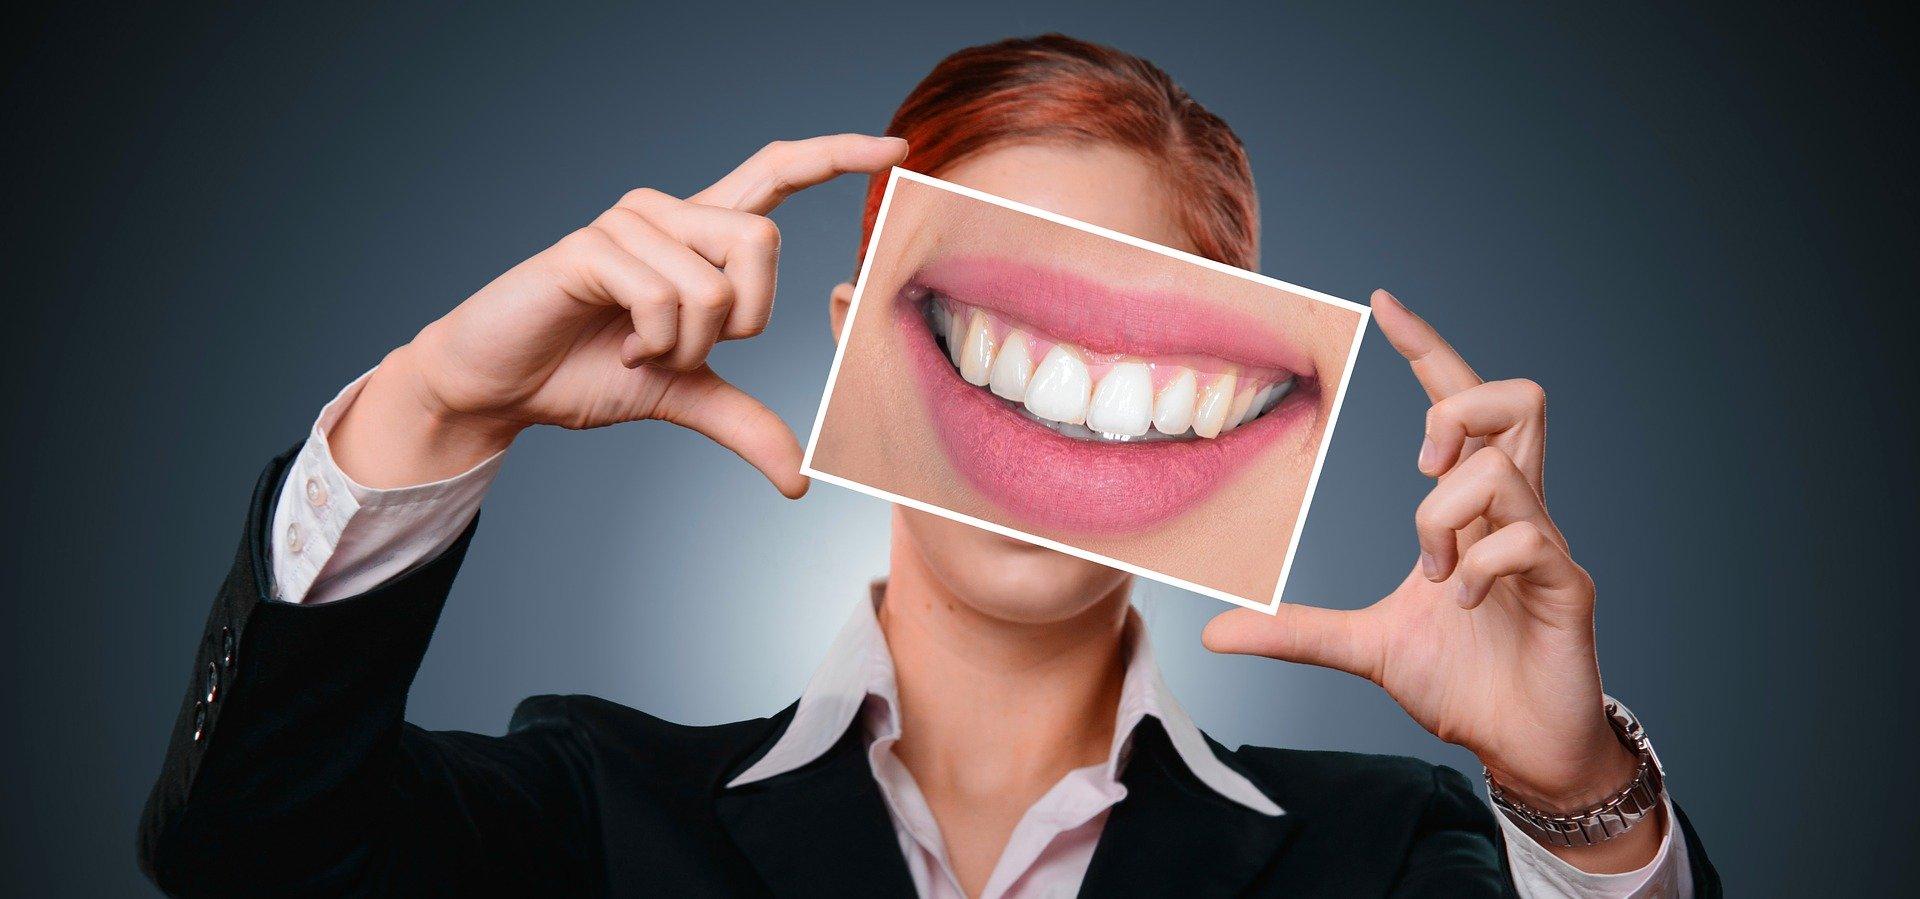 tannbehandling